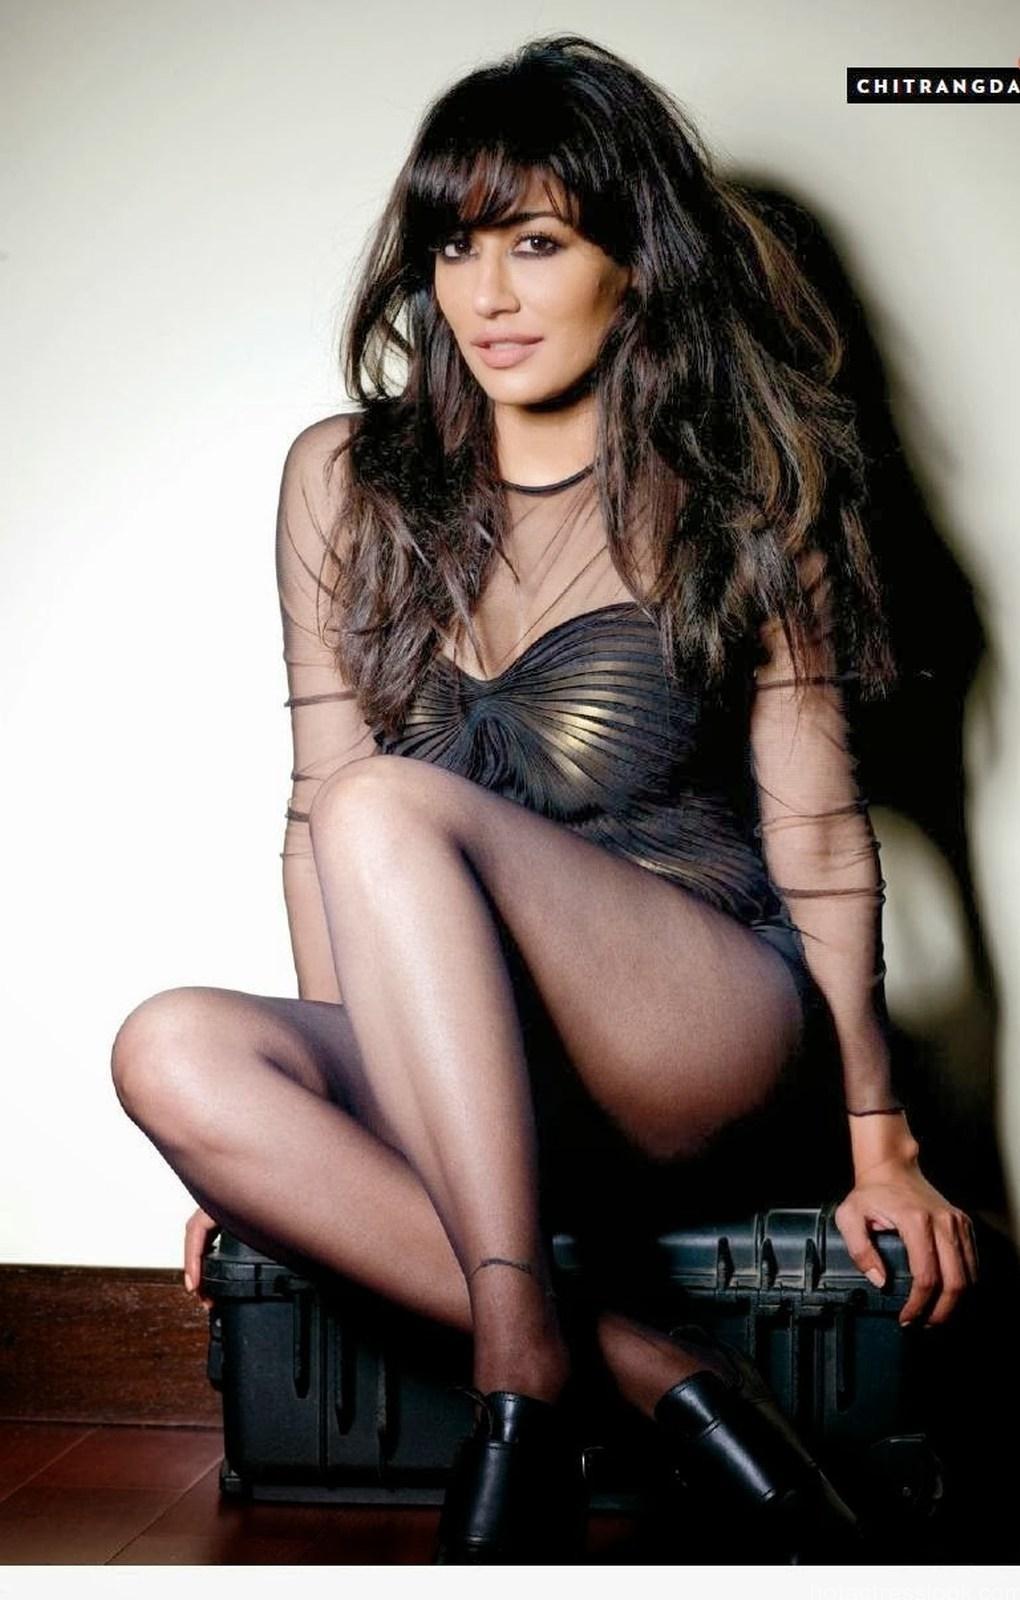 Chitrangada Singh in bikini